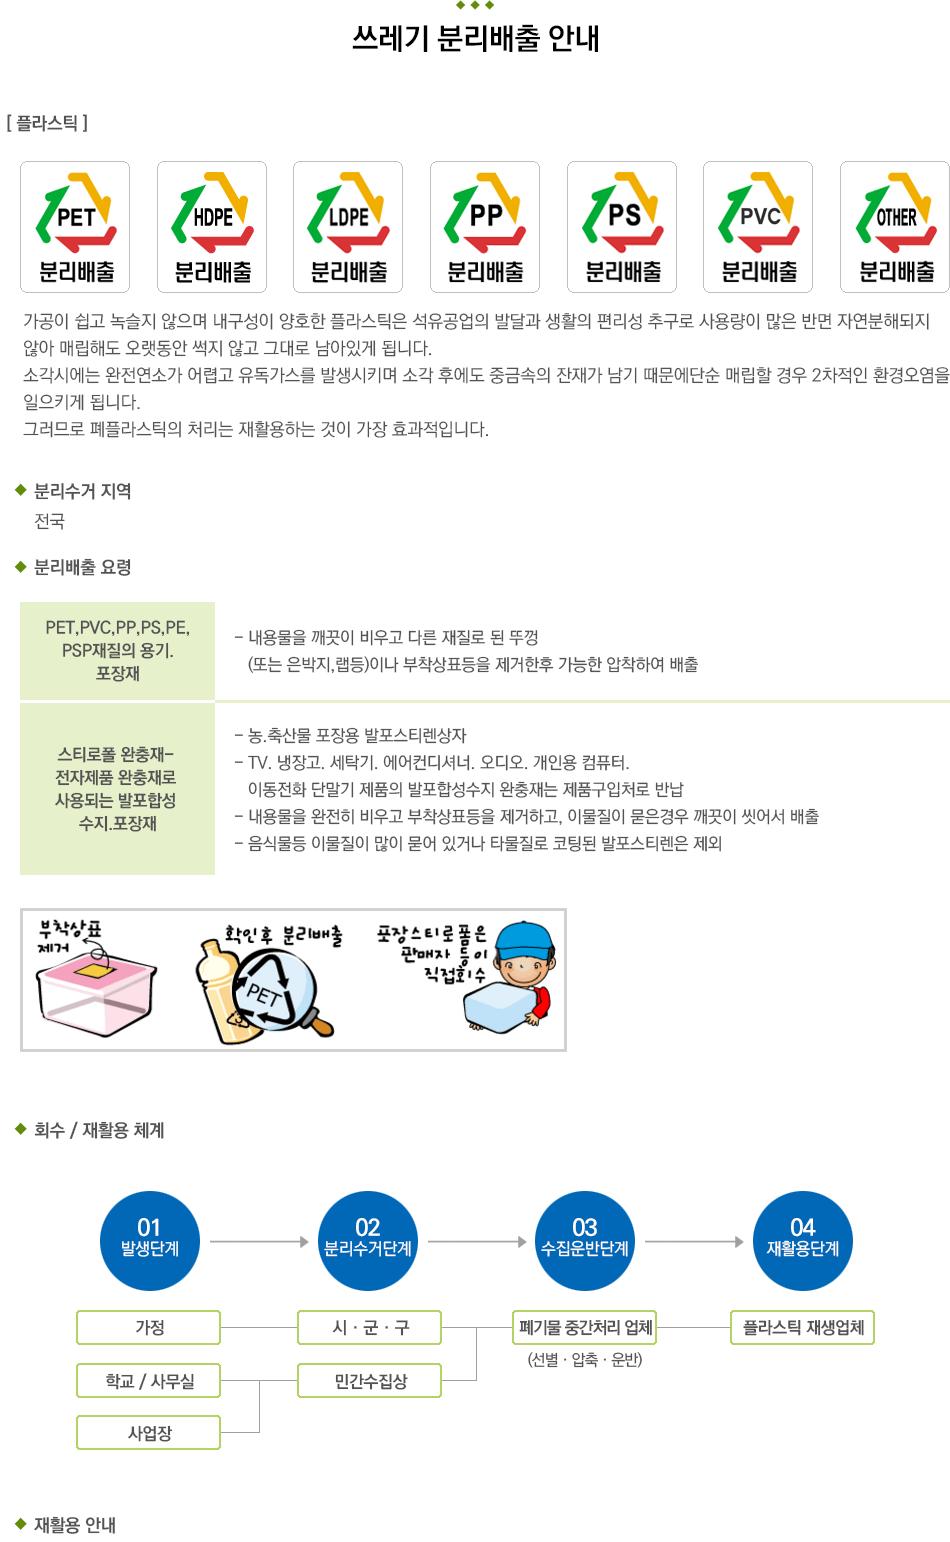 쓰레기분리배출_5플라스틱.png